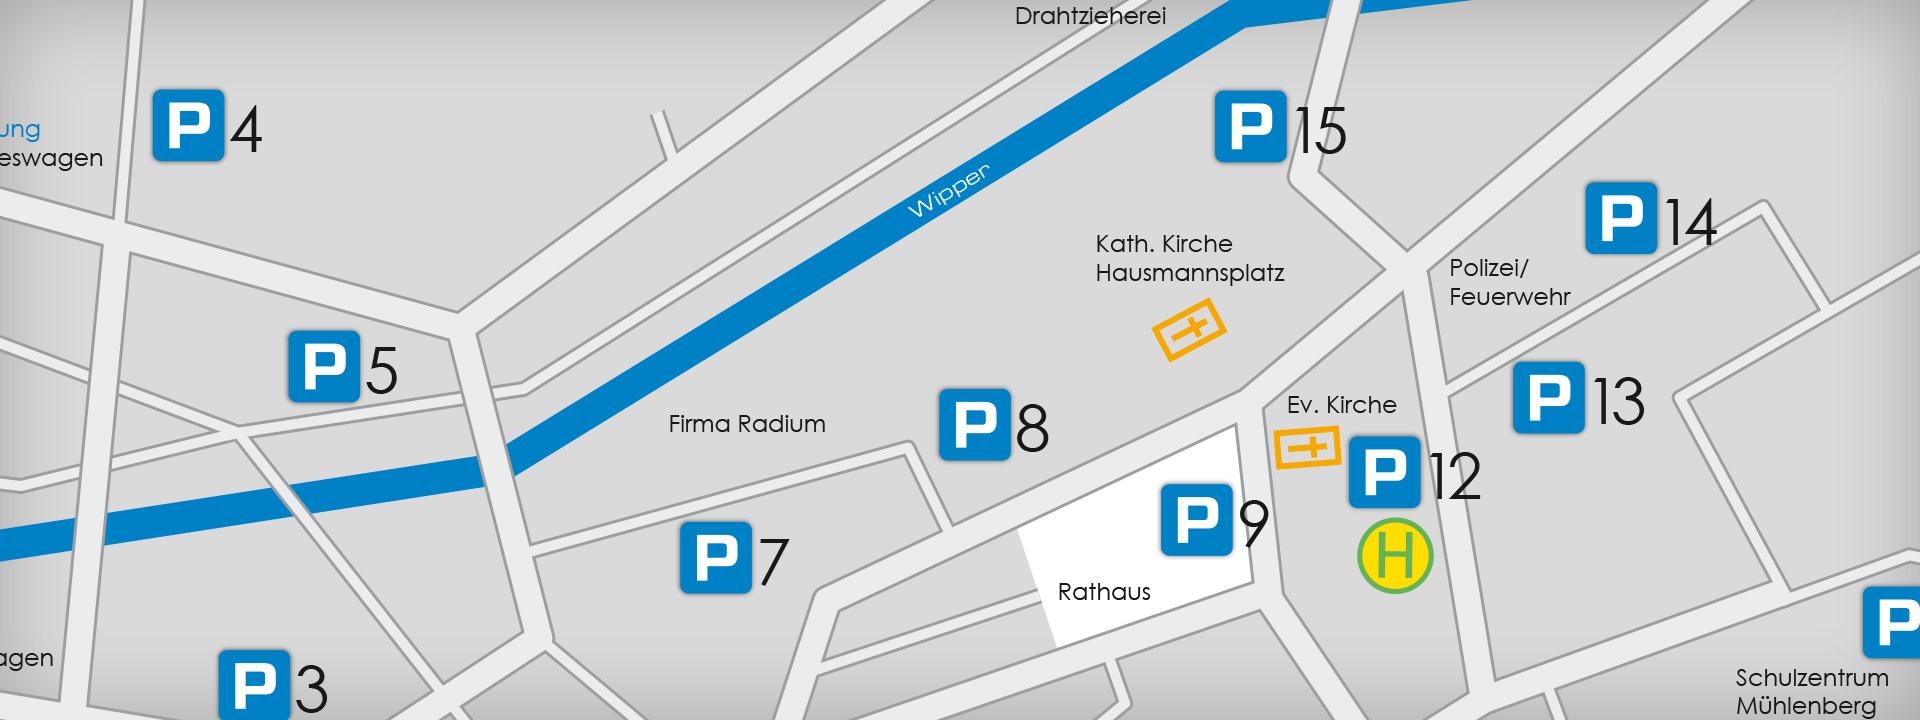 Parkplätze in Wipperfürth